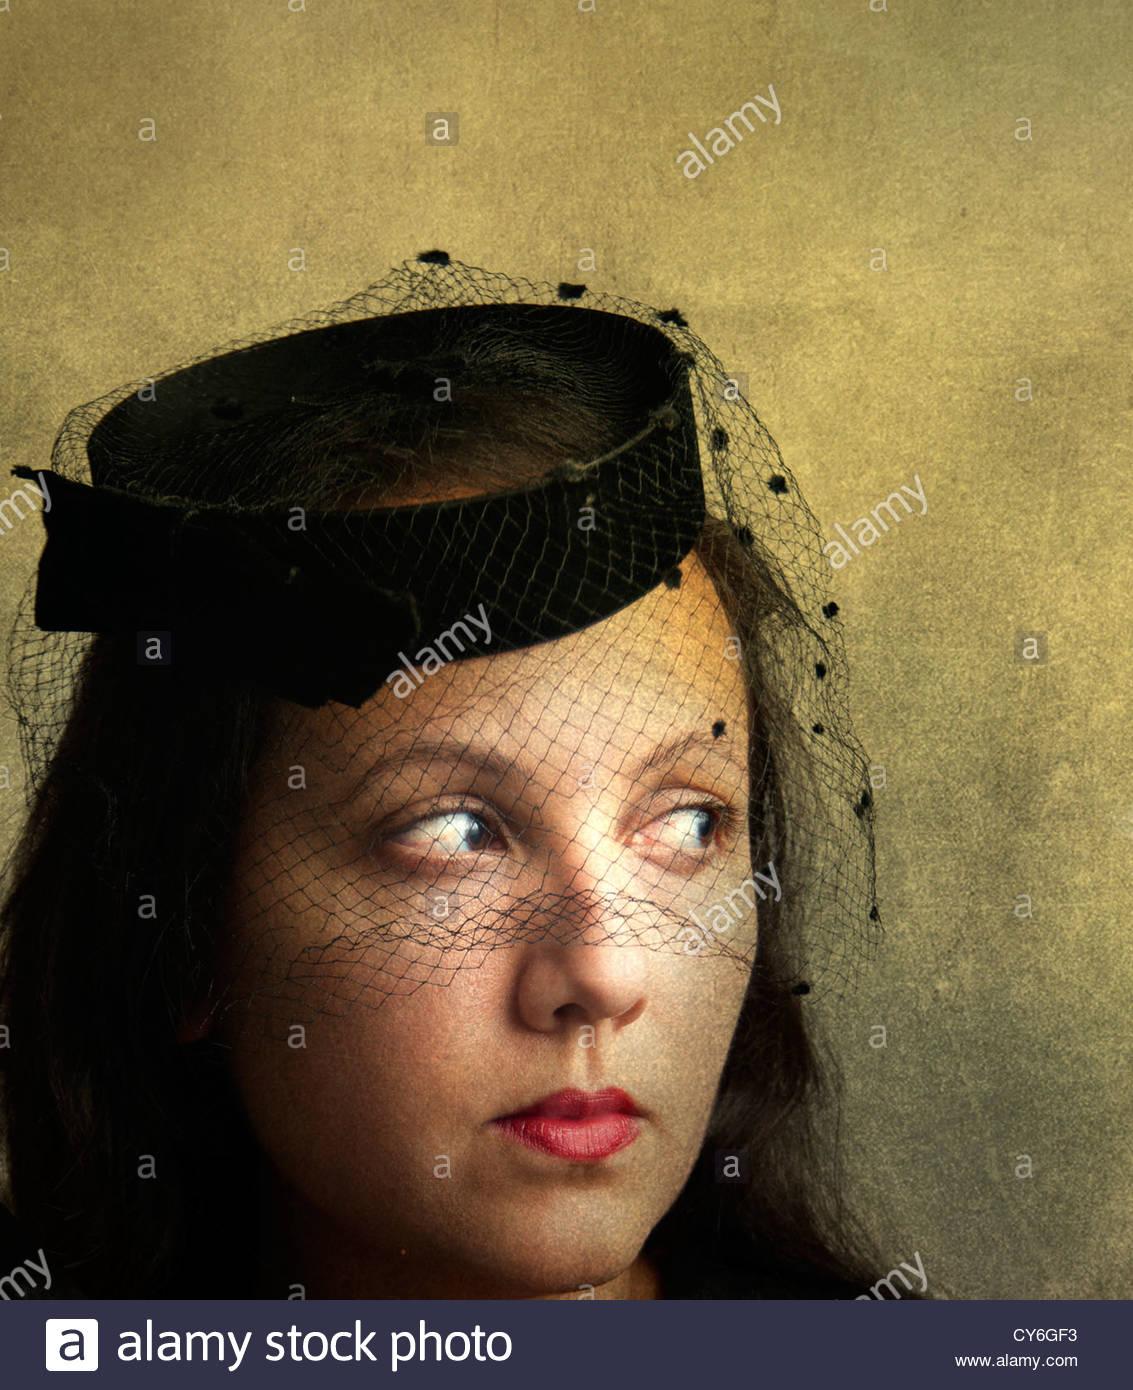 Ritratto di misteriosa donna bellissima con la vecchia scatola di pillole hat con velo Immagini Stock